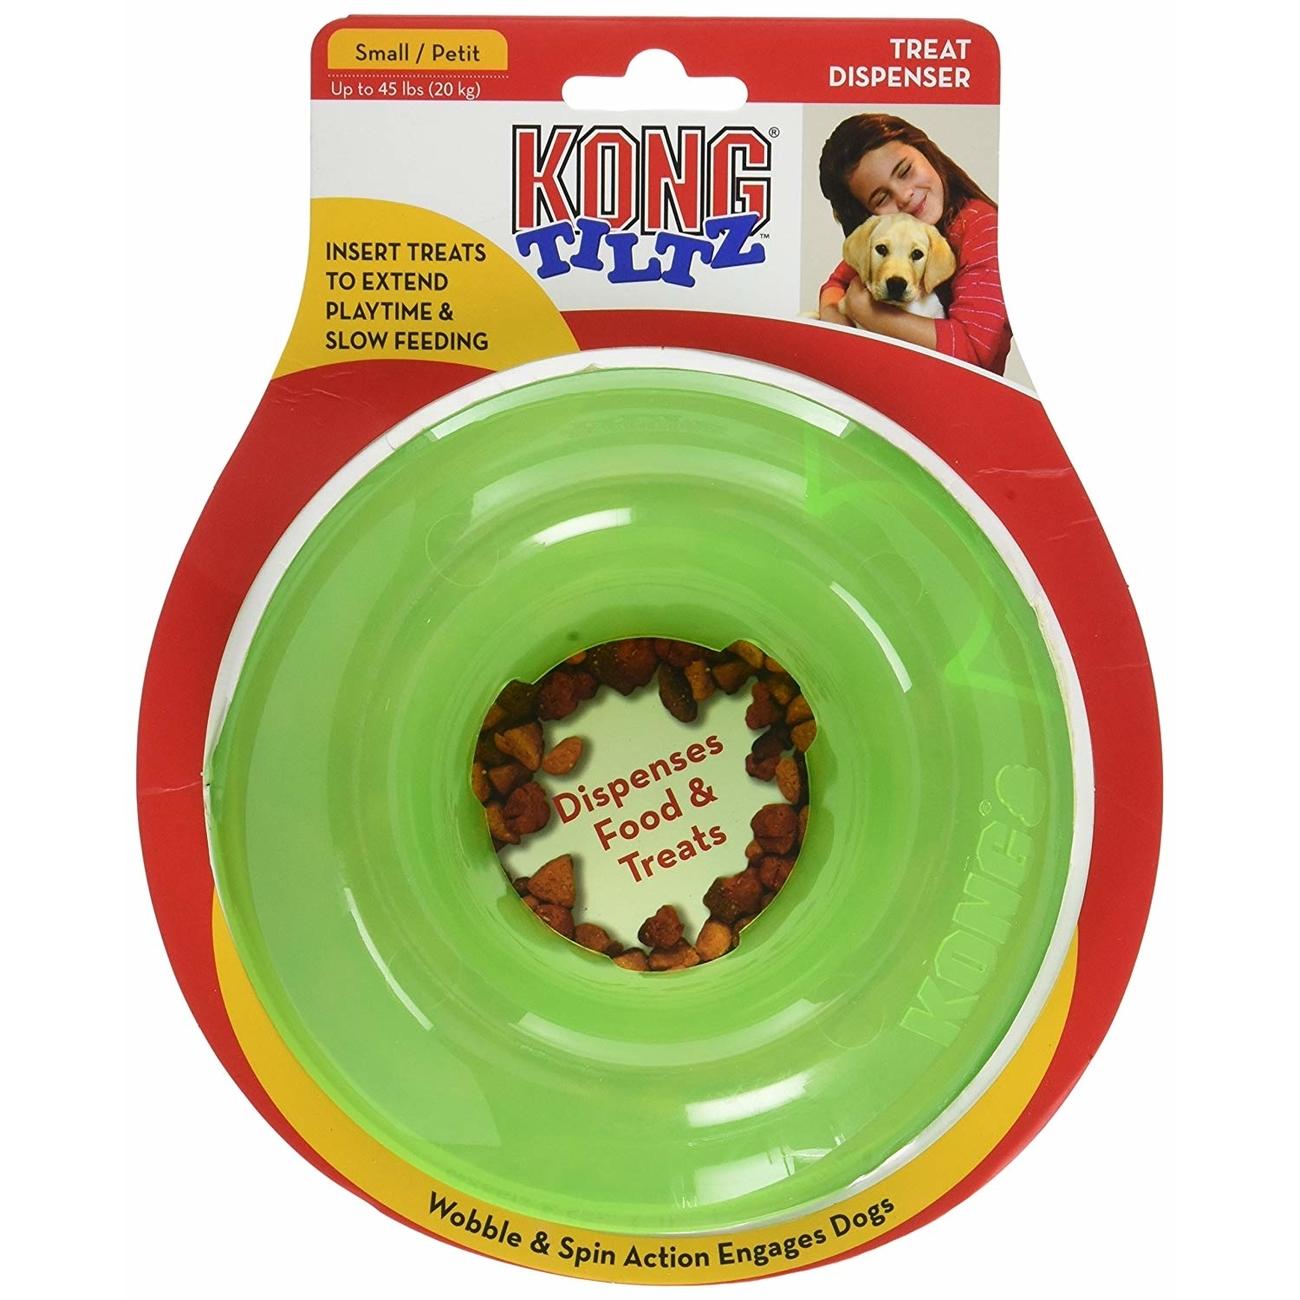 KONG Hundespielzeug Tiltz, Bild 4